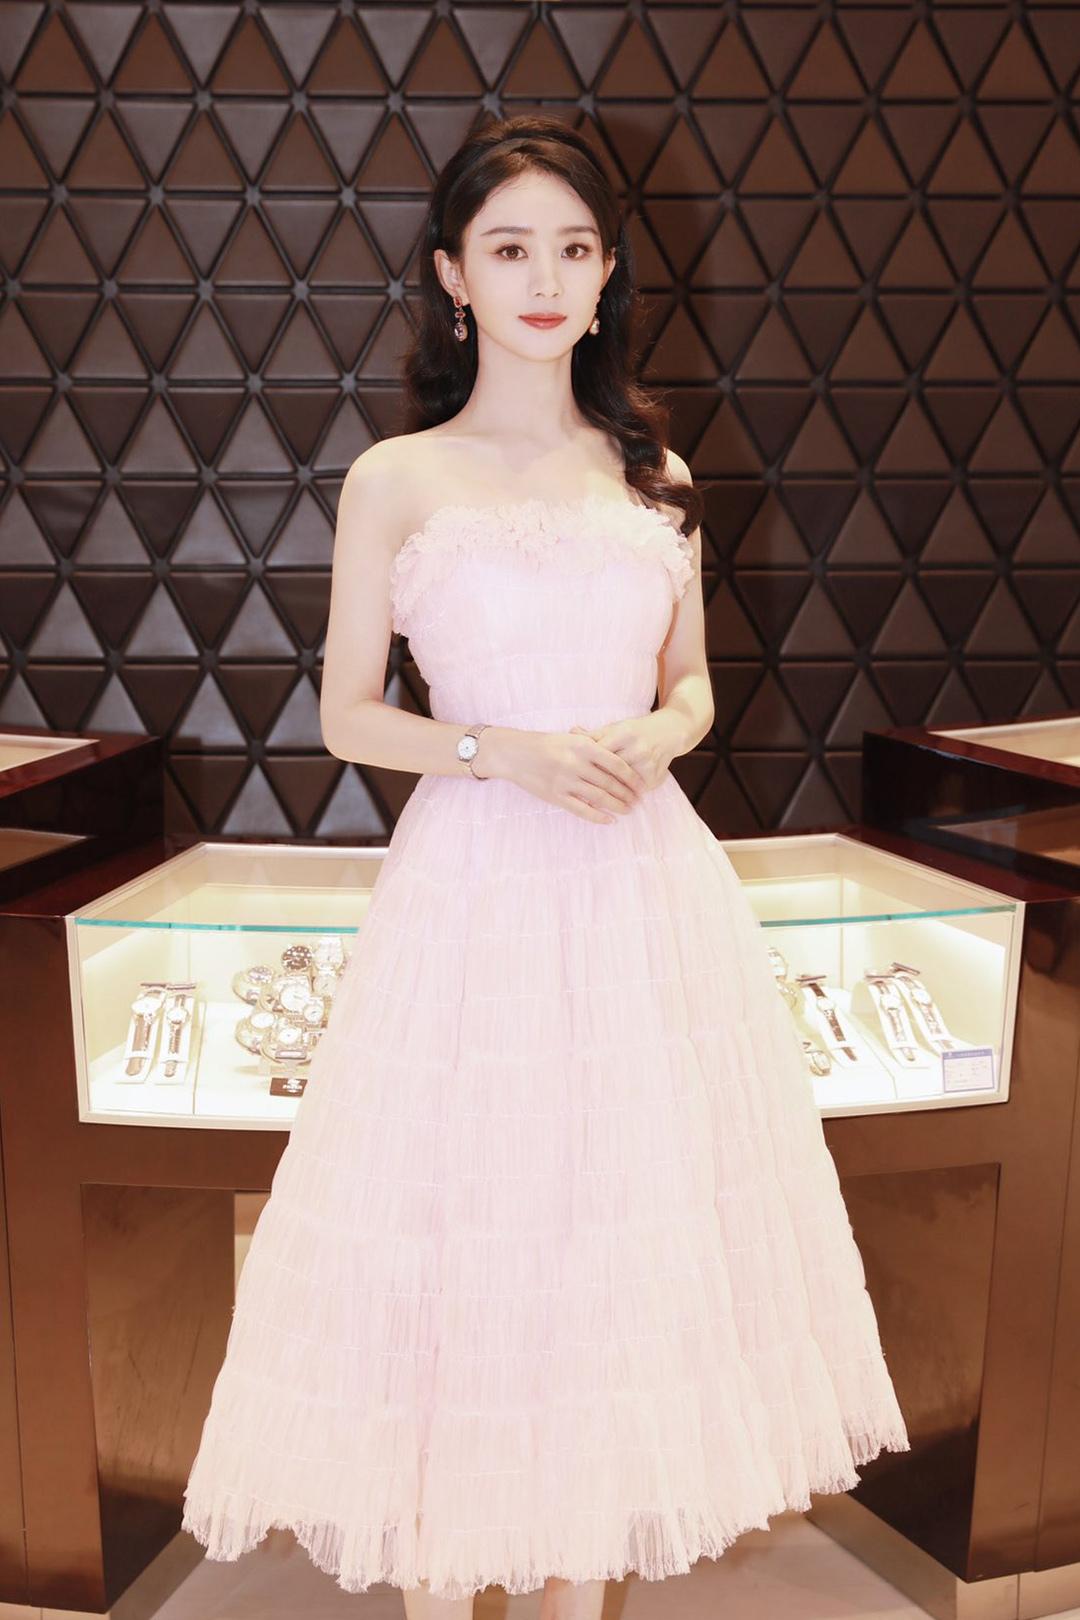 Phong cách thời trang chuẩn 'đẳng cấp quốc tế' của Triệu Lệ Dĩnh, dát Haute Couture đều như cơm bữa 2